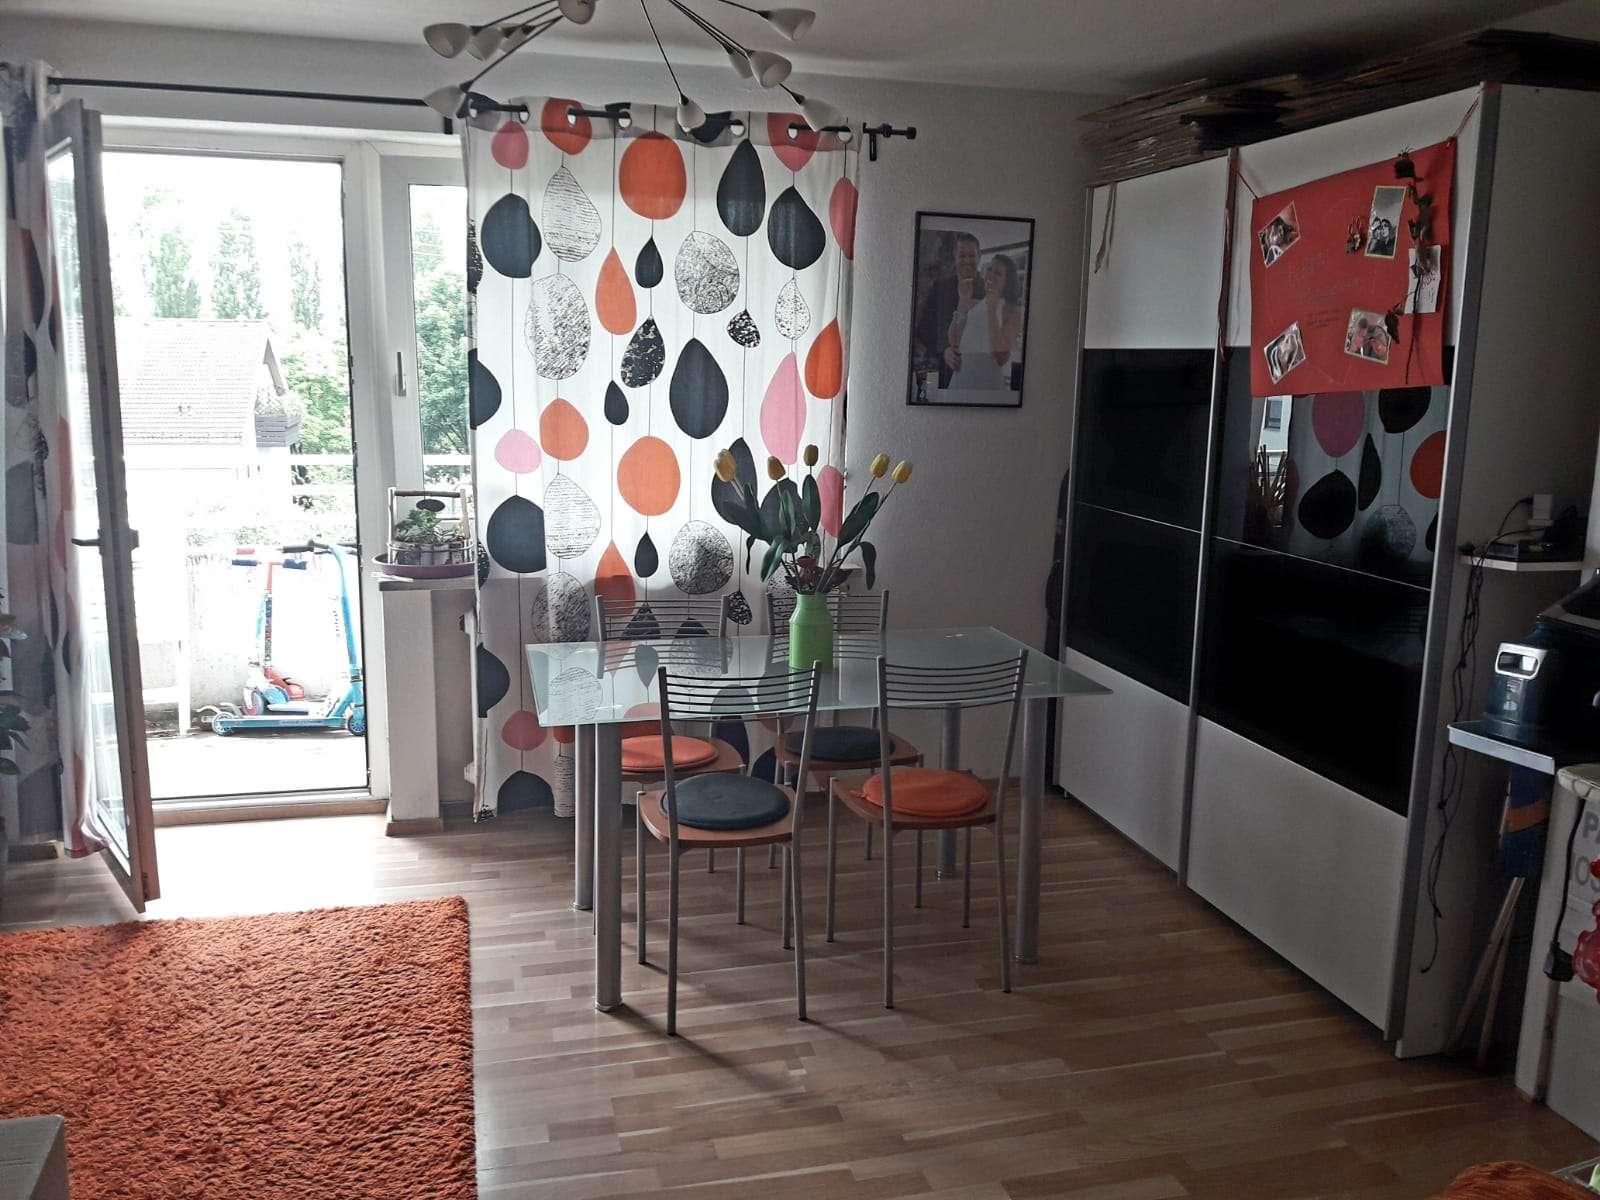 Provisionsfrei - Stilvolle, vollständig renovierte 3-Zimmer-Wohnung mit Balkon in Karlsfeld